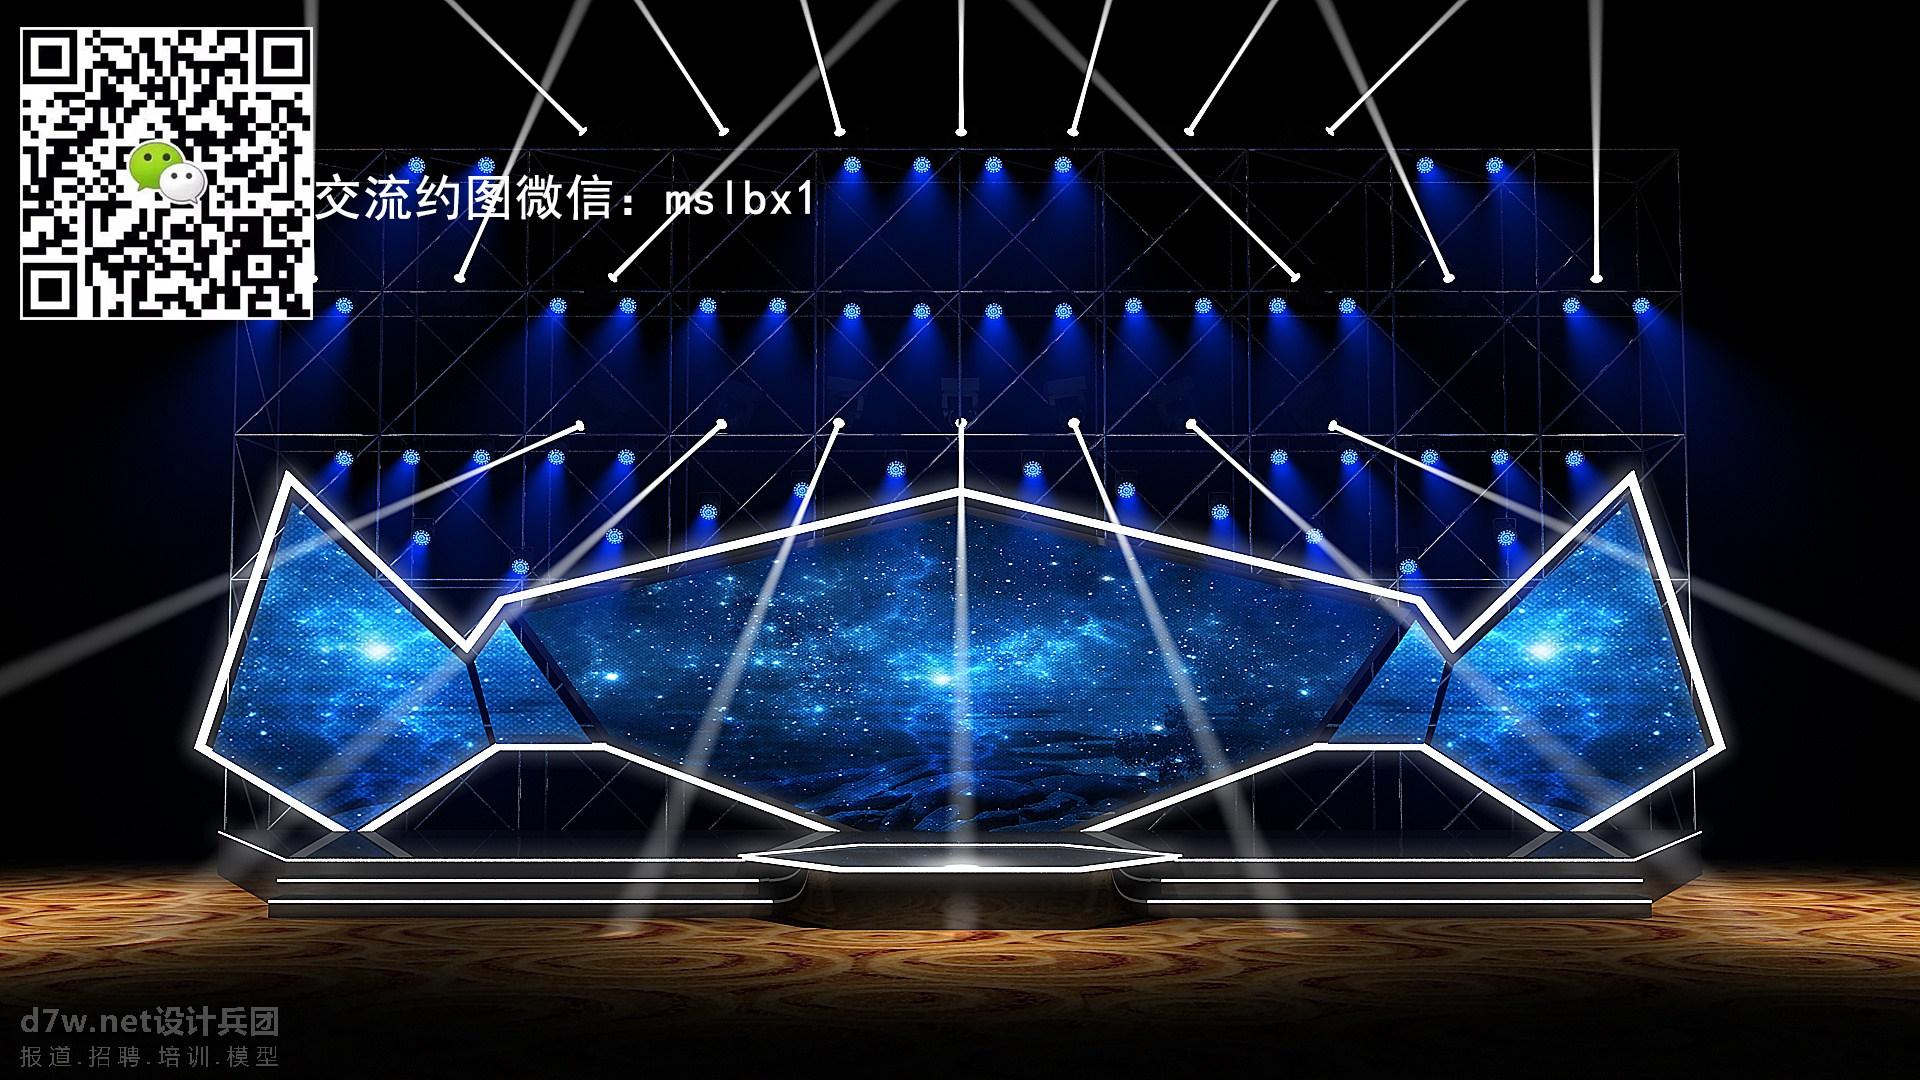 麦田舞美设计 舞美效果图 舞美设计图 舞美设计定制 舞台设计定制 科技舞台设计 科技舞美设计 科技论坛舞台  ...